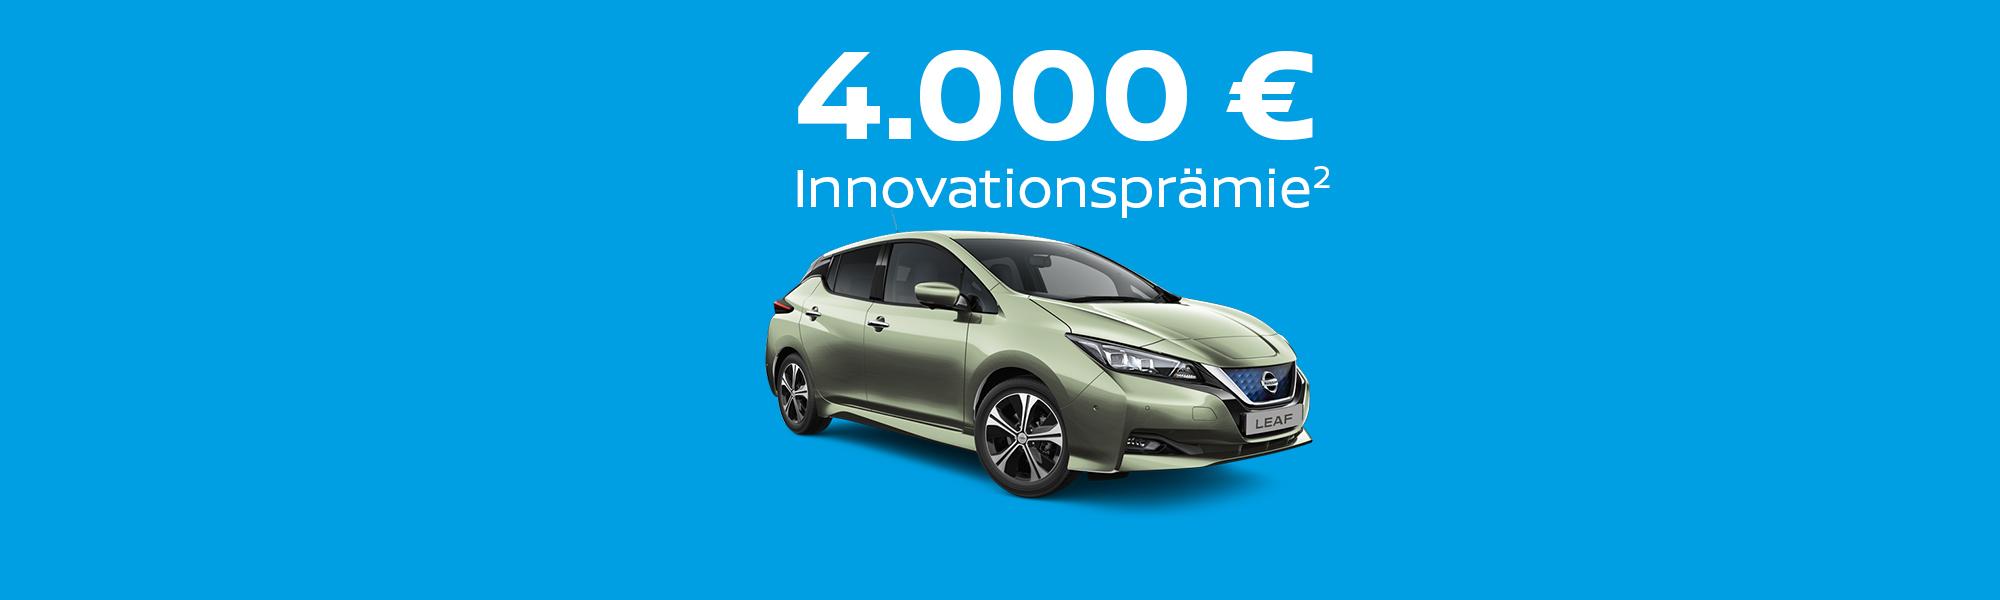 Wir garantieren die Innovationsprämie²!